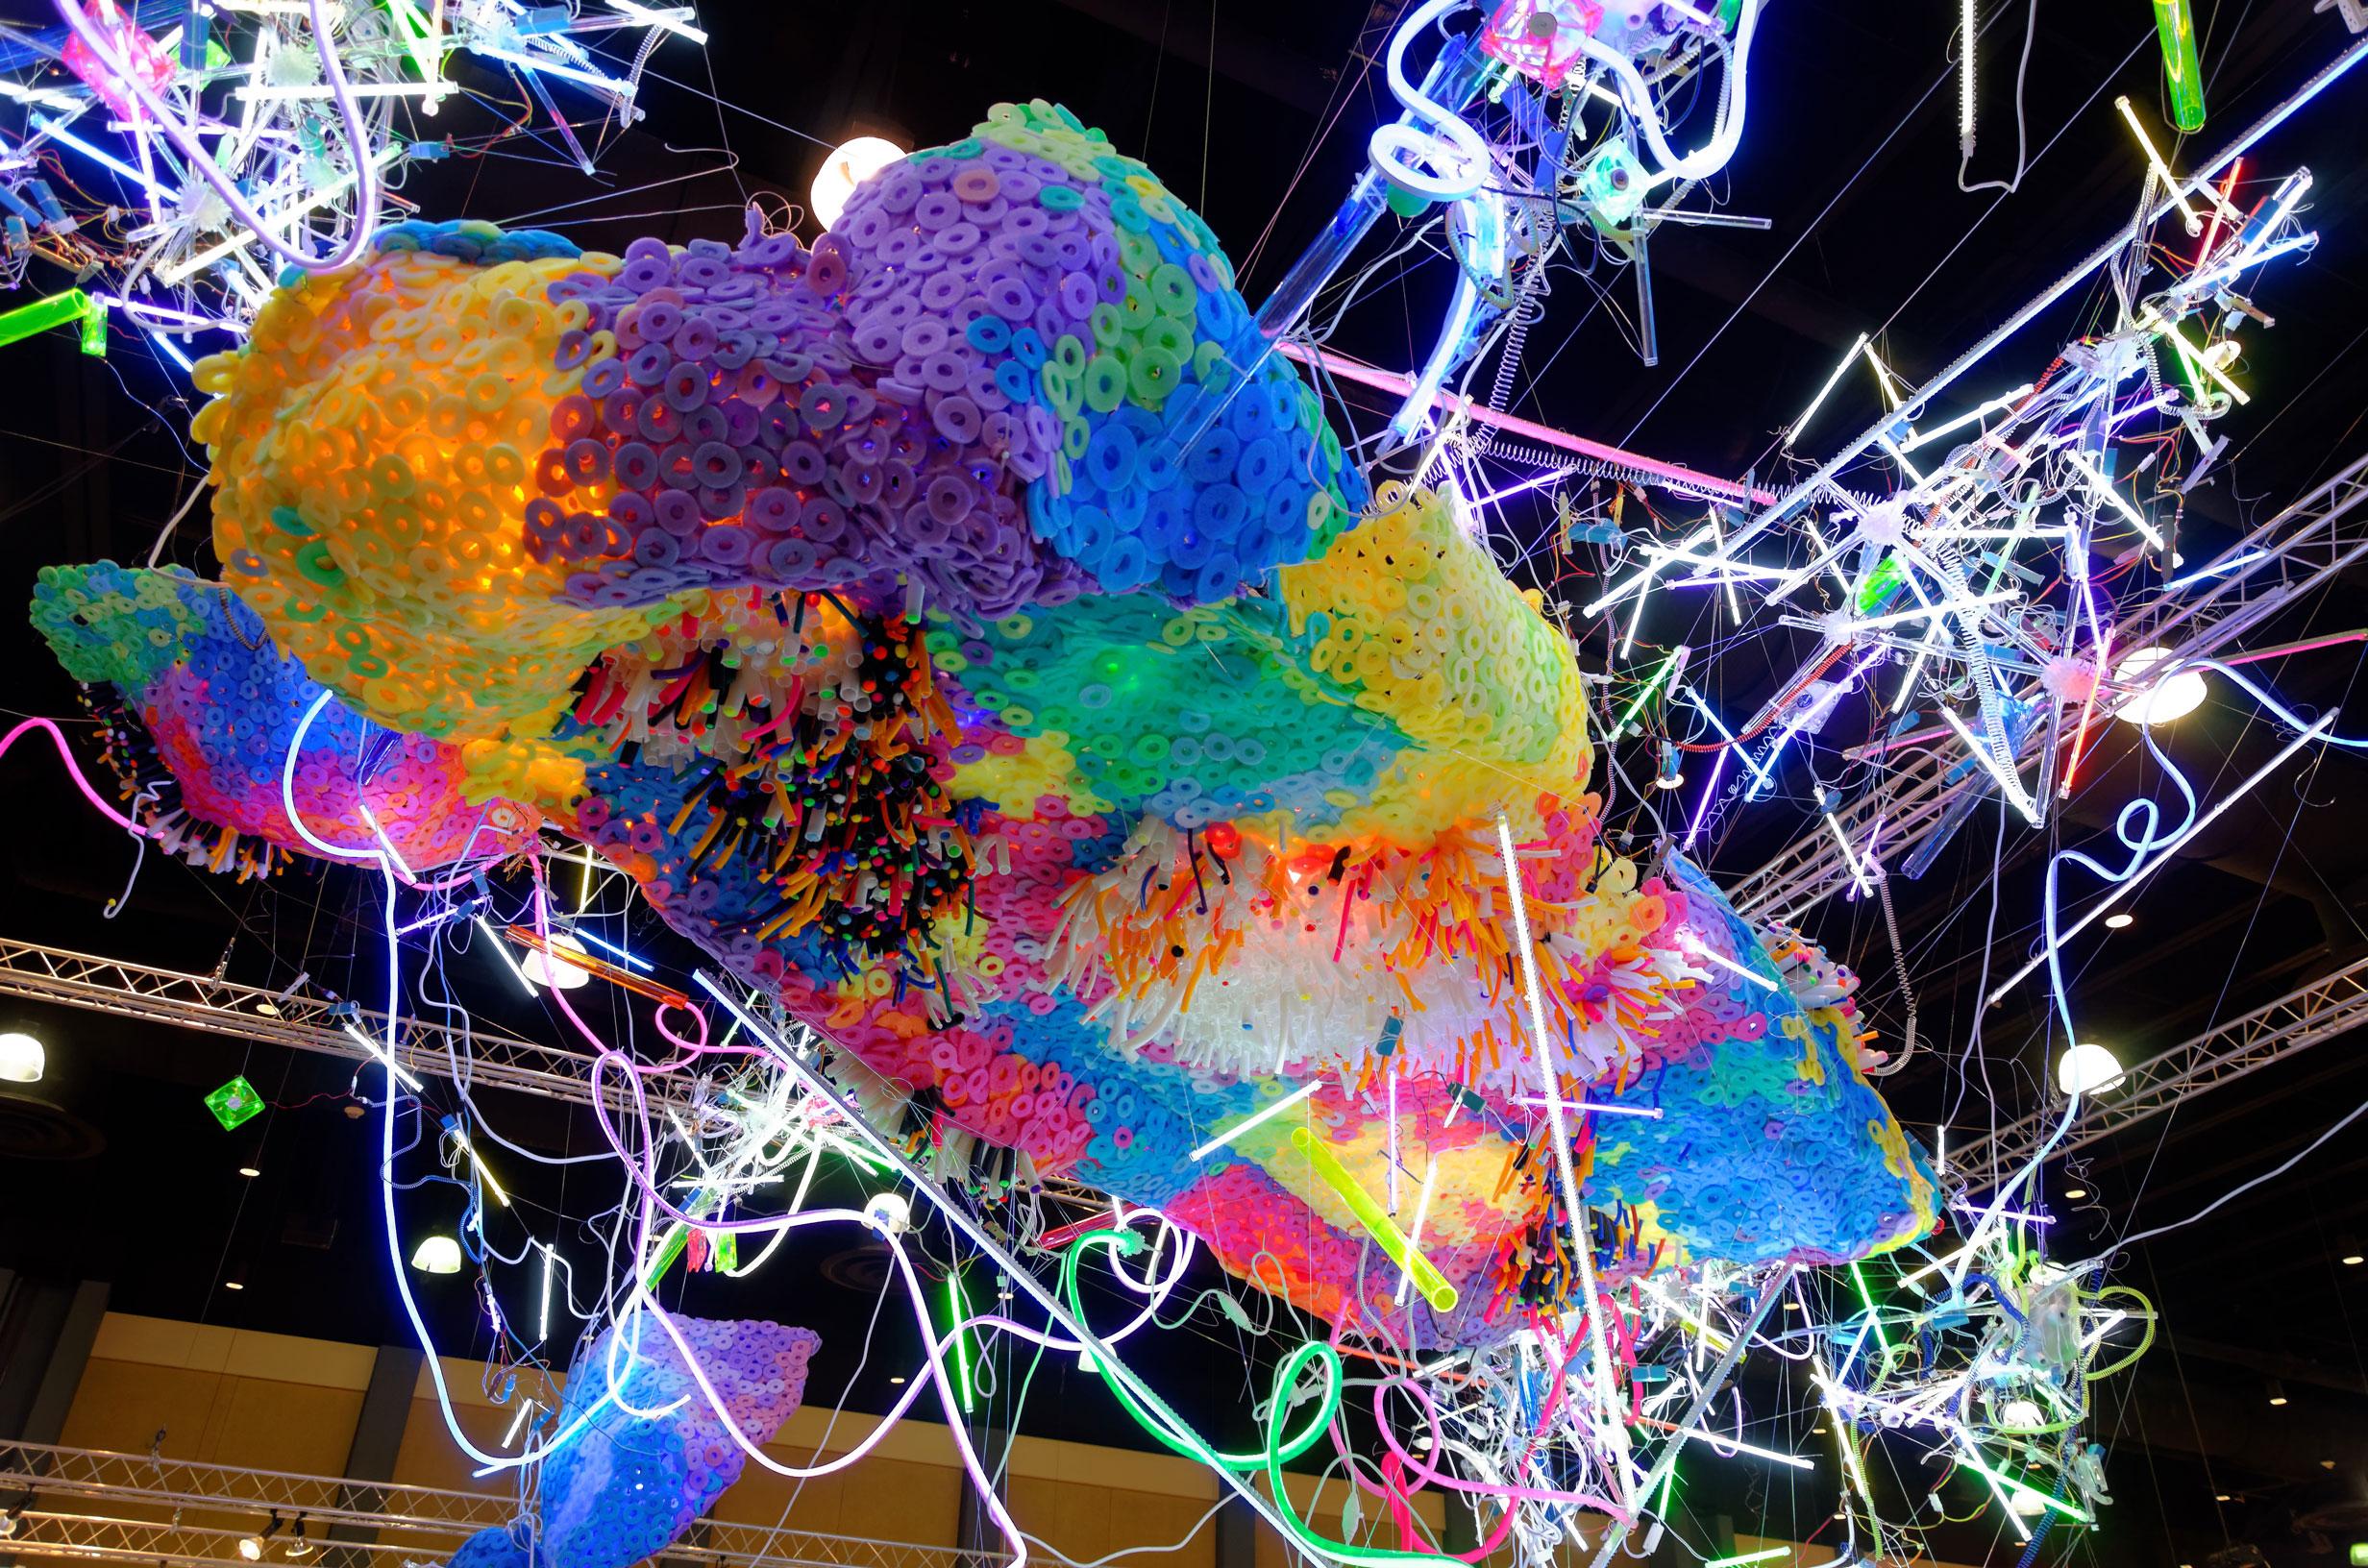 Adela Andea, Primordial Garden Flex Neon, CCF Licht, Plexiglas, Schaumstoff Ausstellungsansicht, Art Palm Beach, Palm Beach, FL, USA, 2014 © Adela Andea